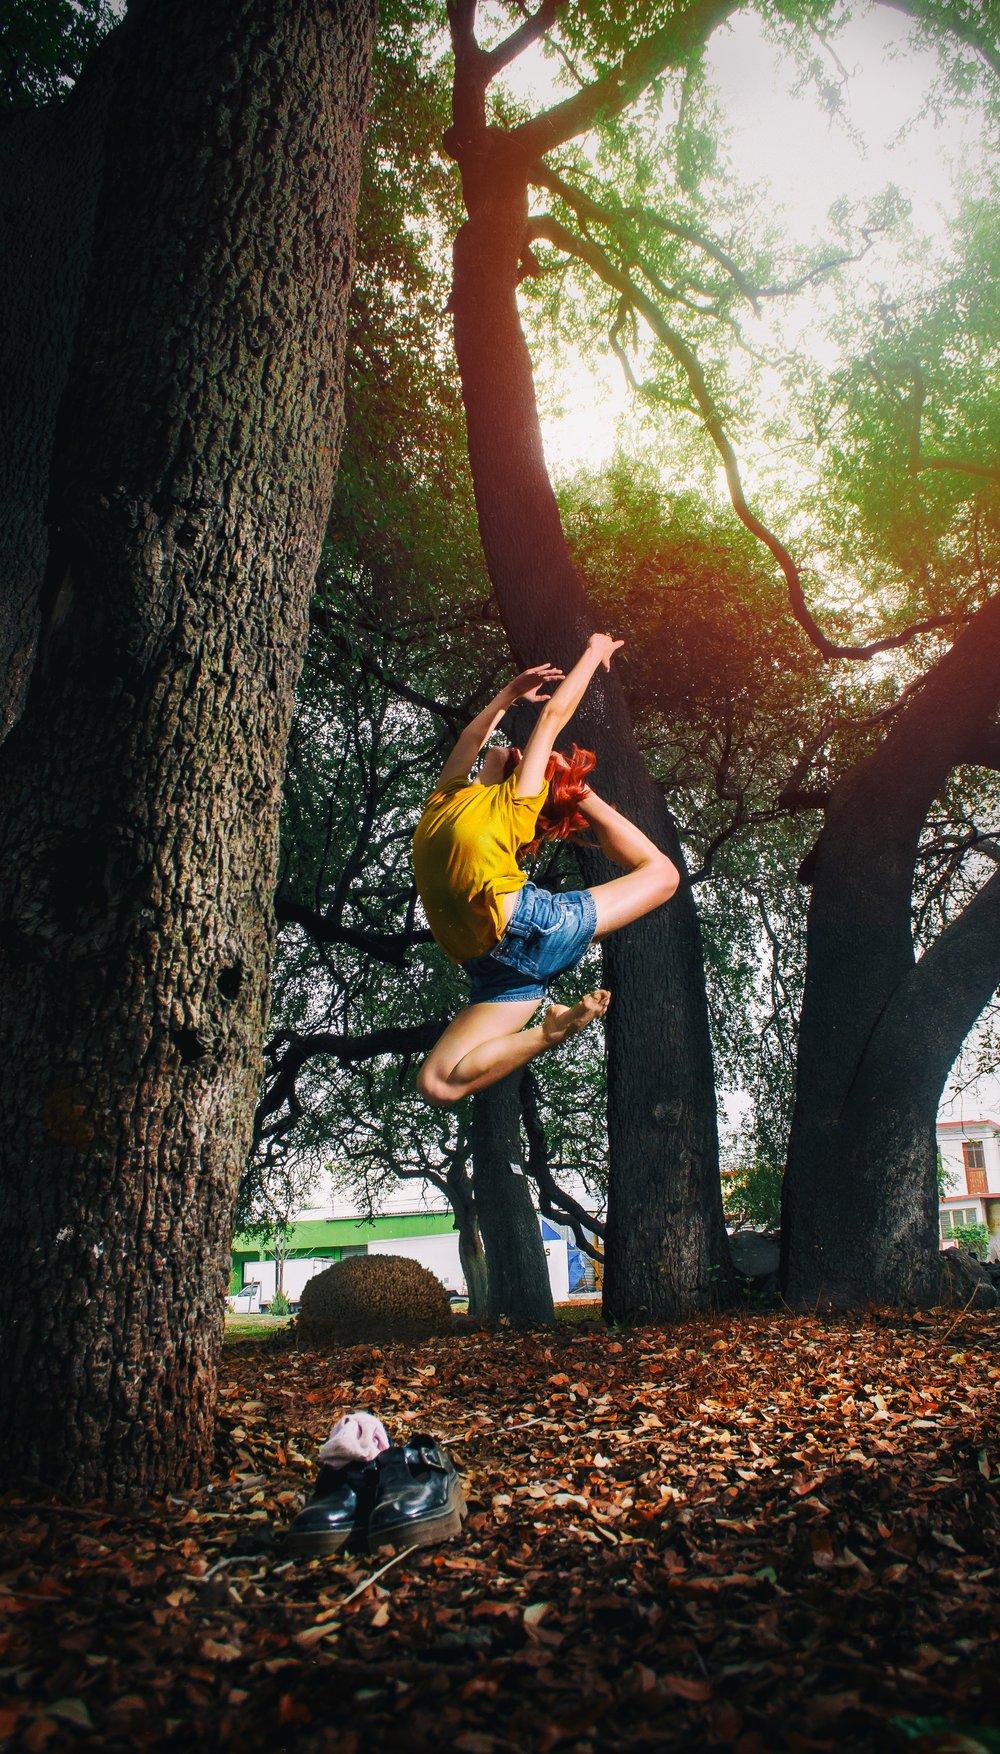 ballerina-ballet-ballet-dancer-910405.jpg